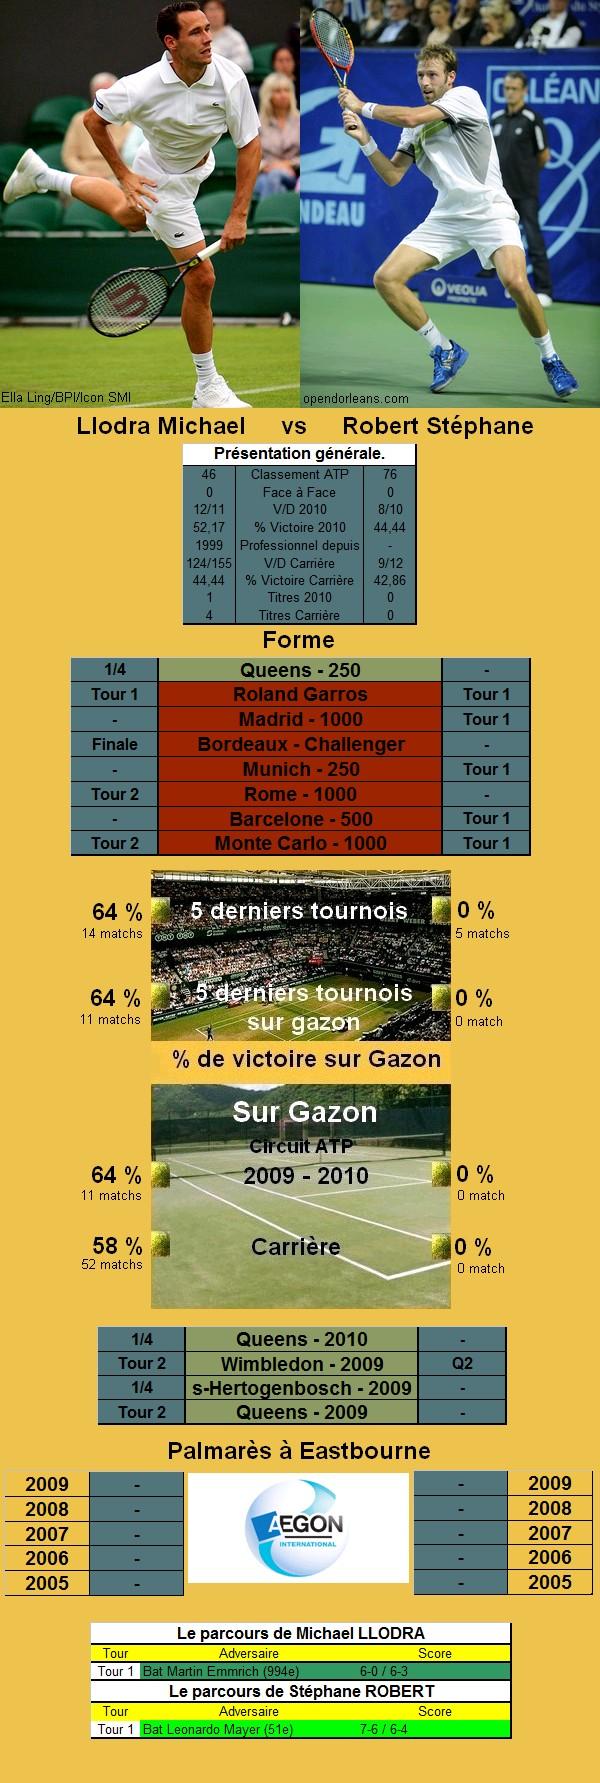 Statistiques tennis de Llodra contre Robert à Eastbourne